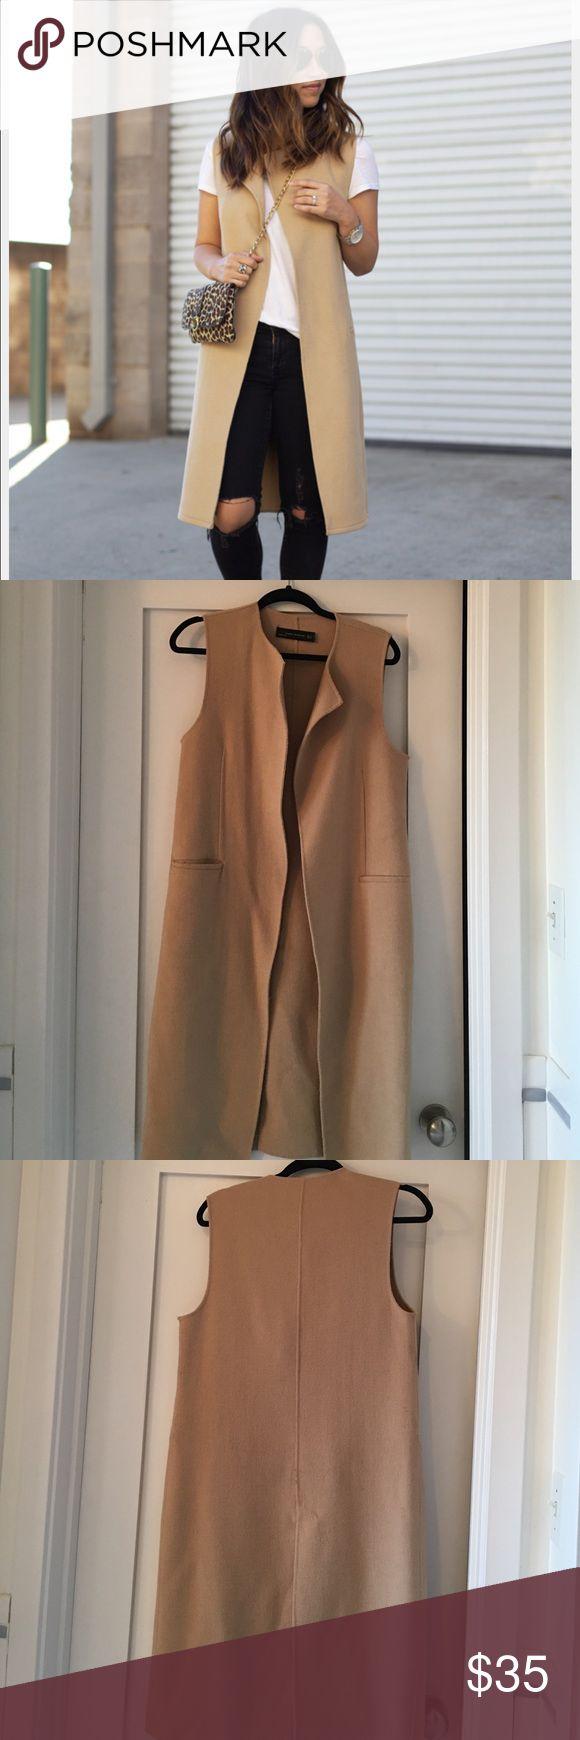 Zara camel vest Long camel vest. Wool & polyester. 2 front pockets, size S Zara Jackets & Coats Vests